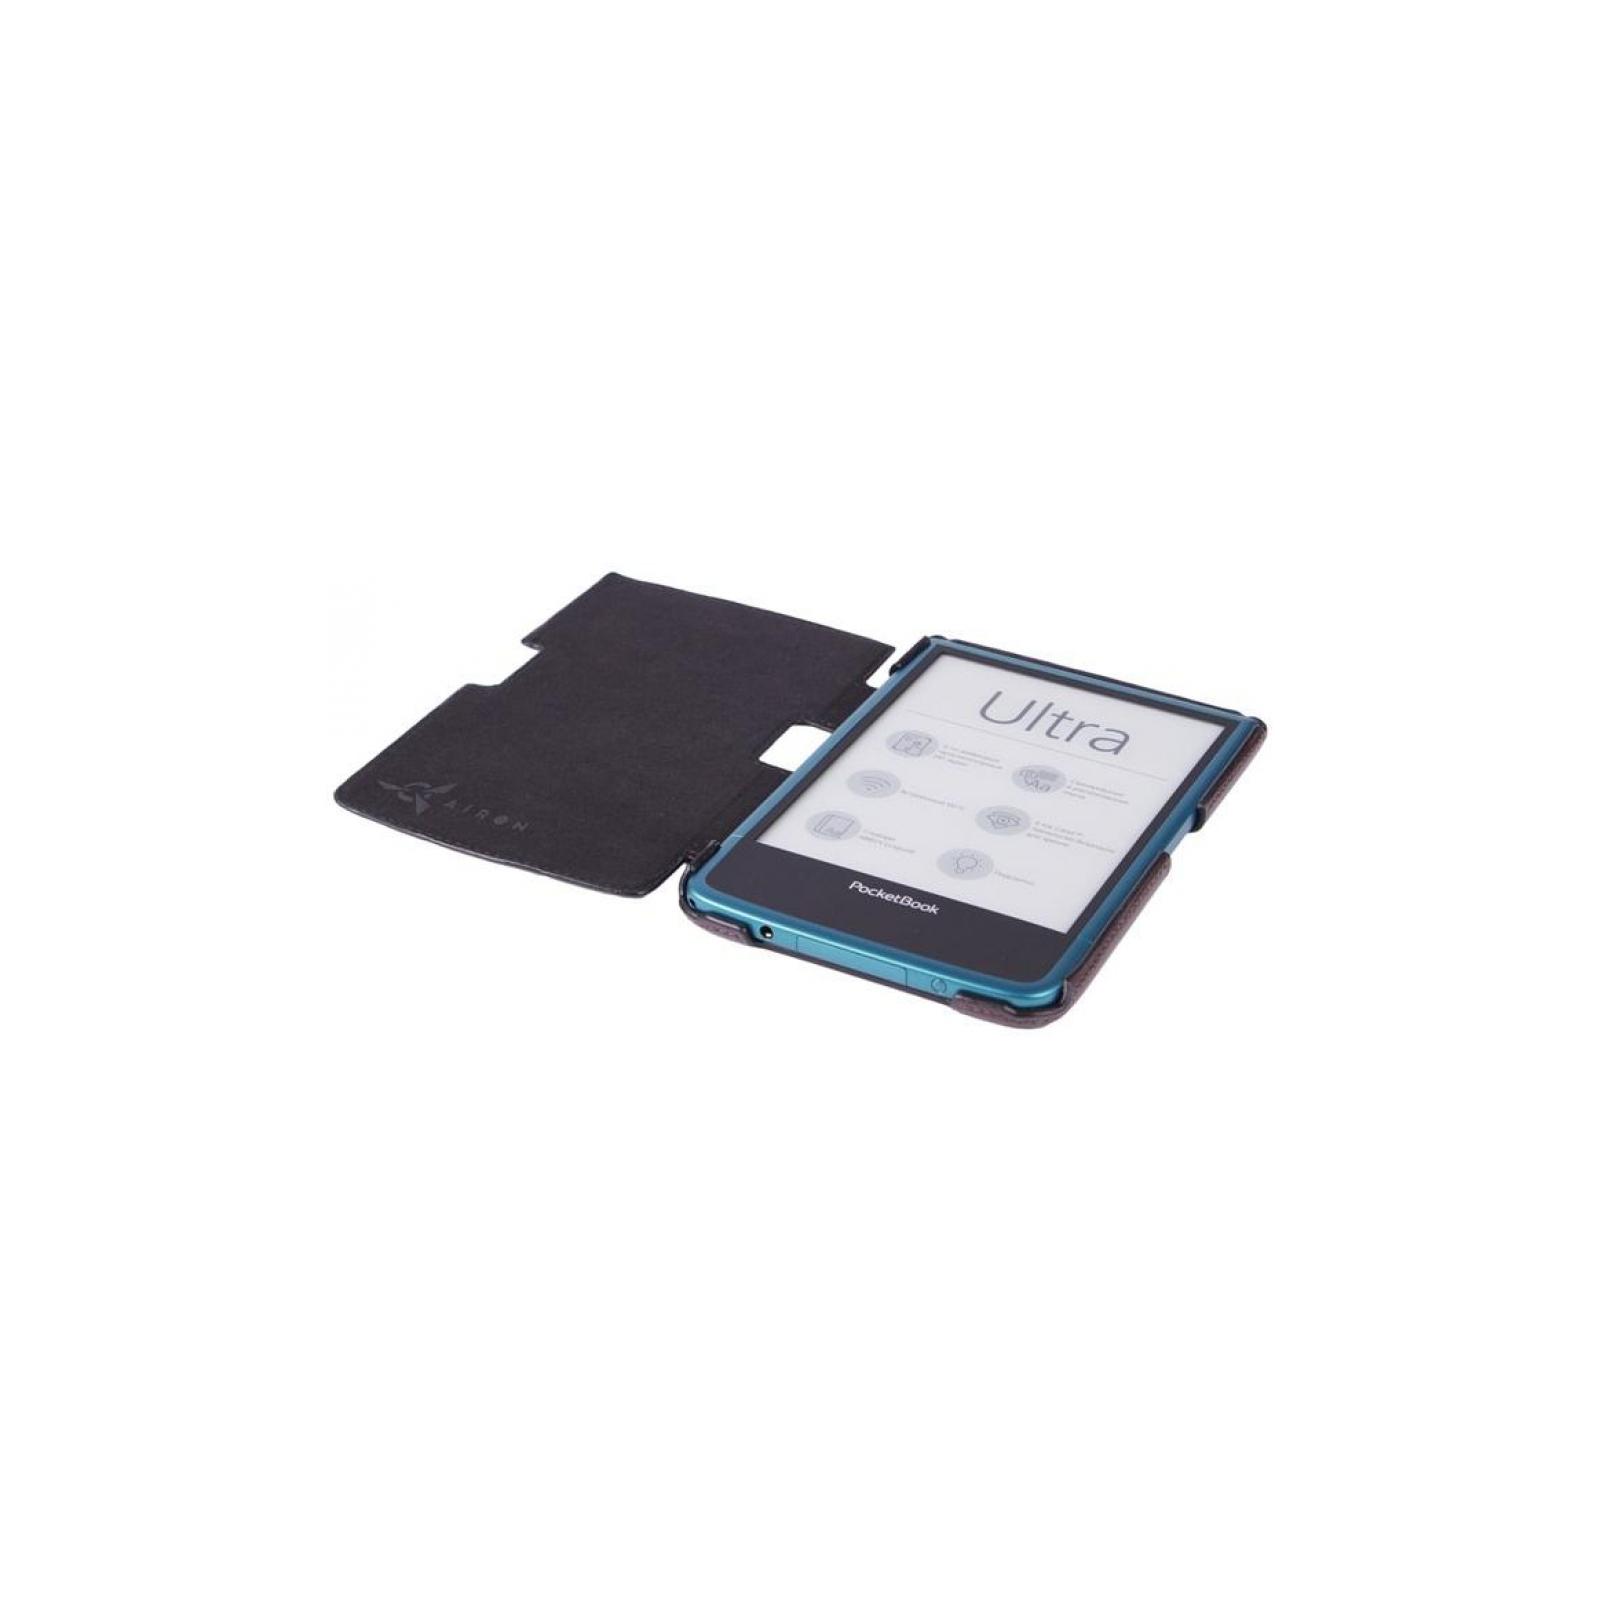 Чехол для электронной книги AirOn для PocketBook 650 (4821784622002) изображение 4